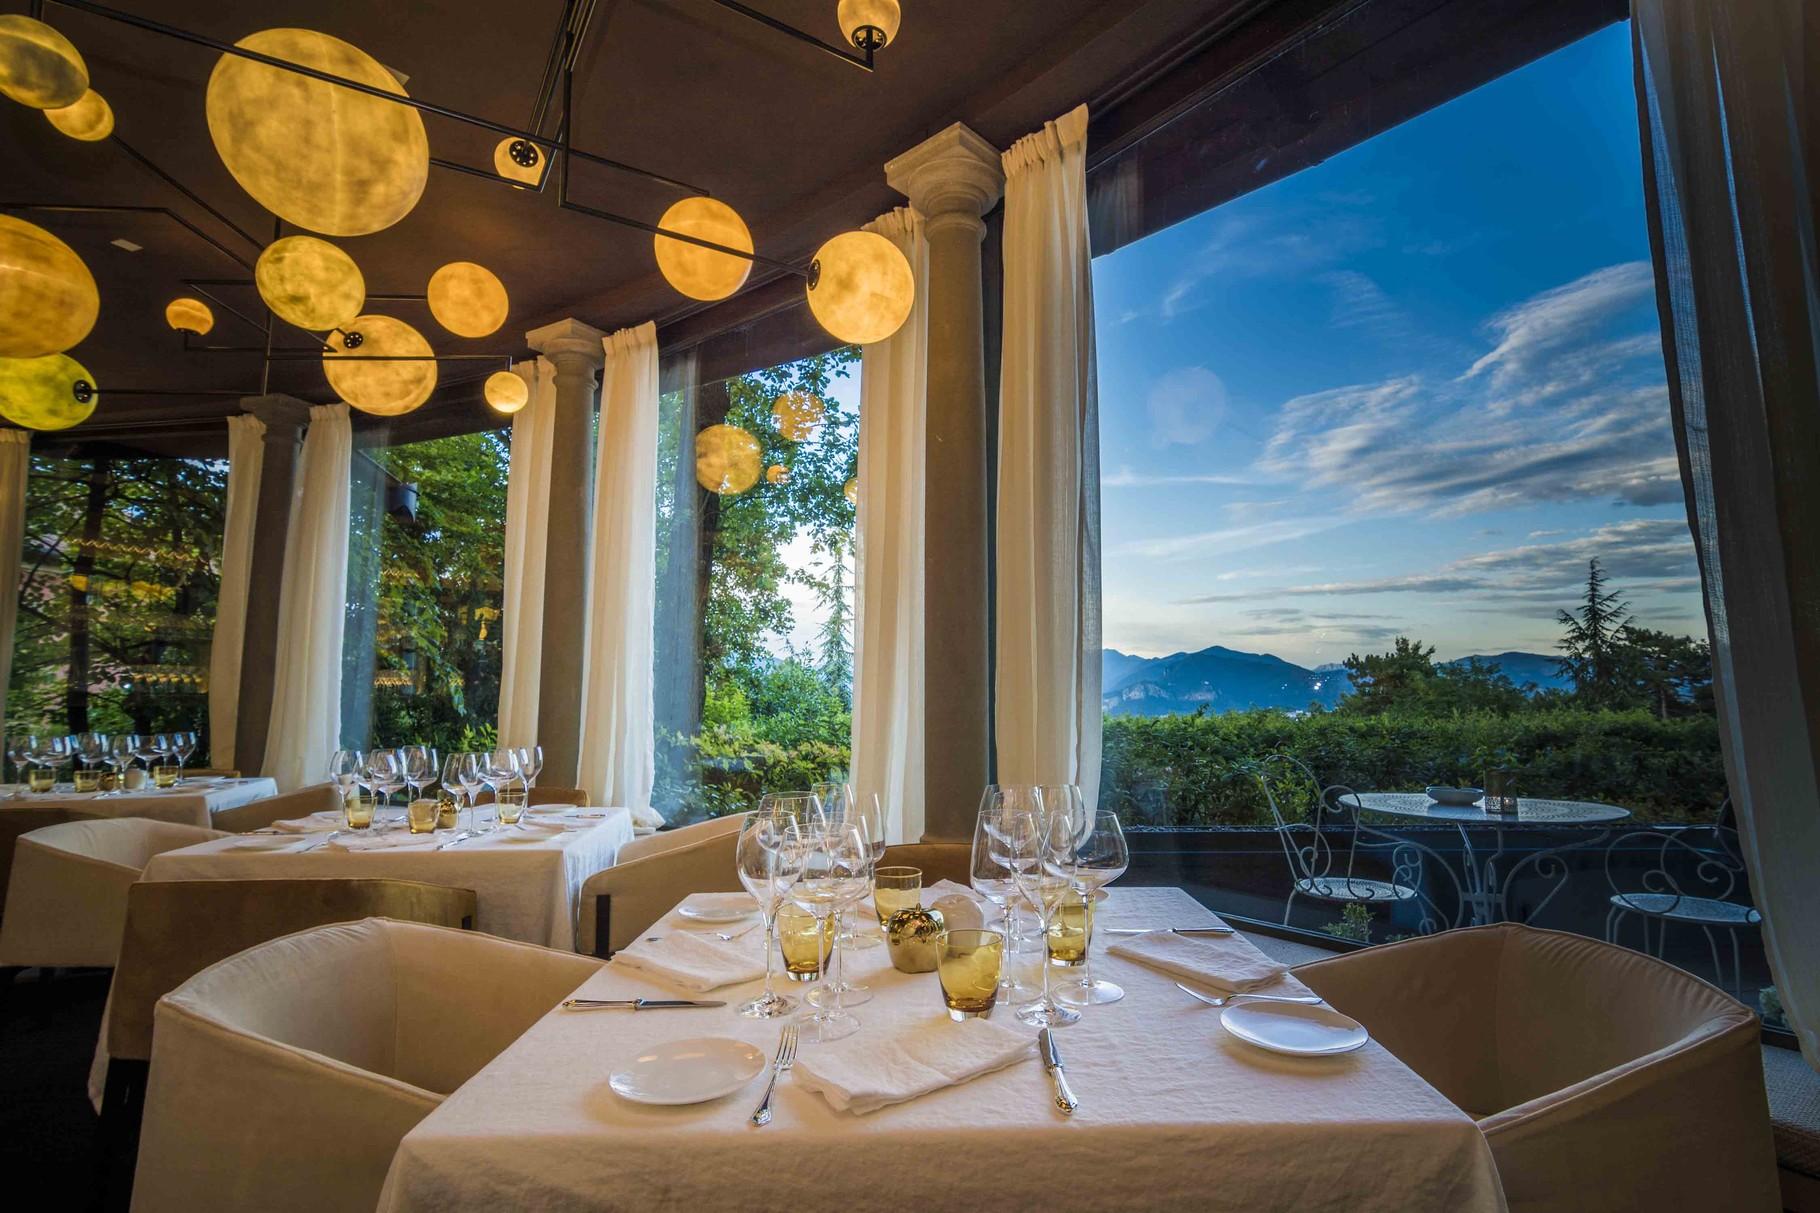 Das berühmte Restaurant bietet Spitzenküche und einen herrlichen Blick über die Weingüter.